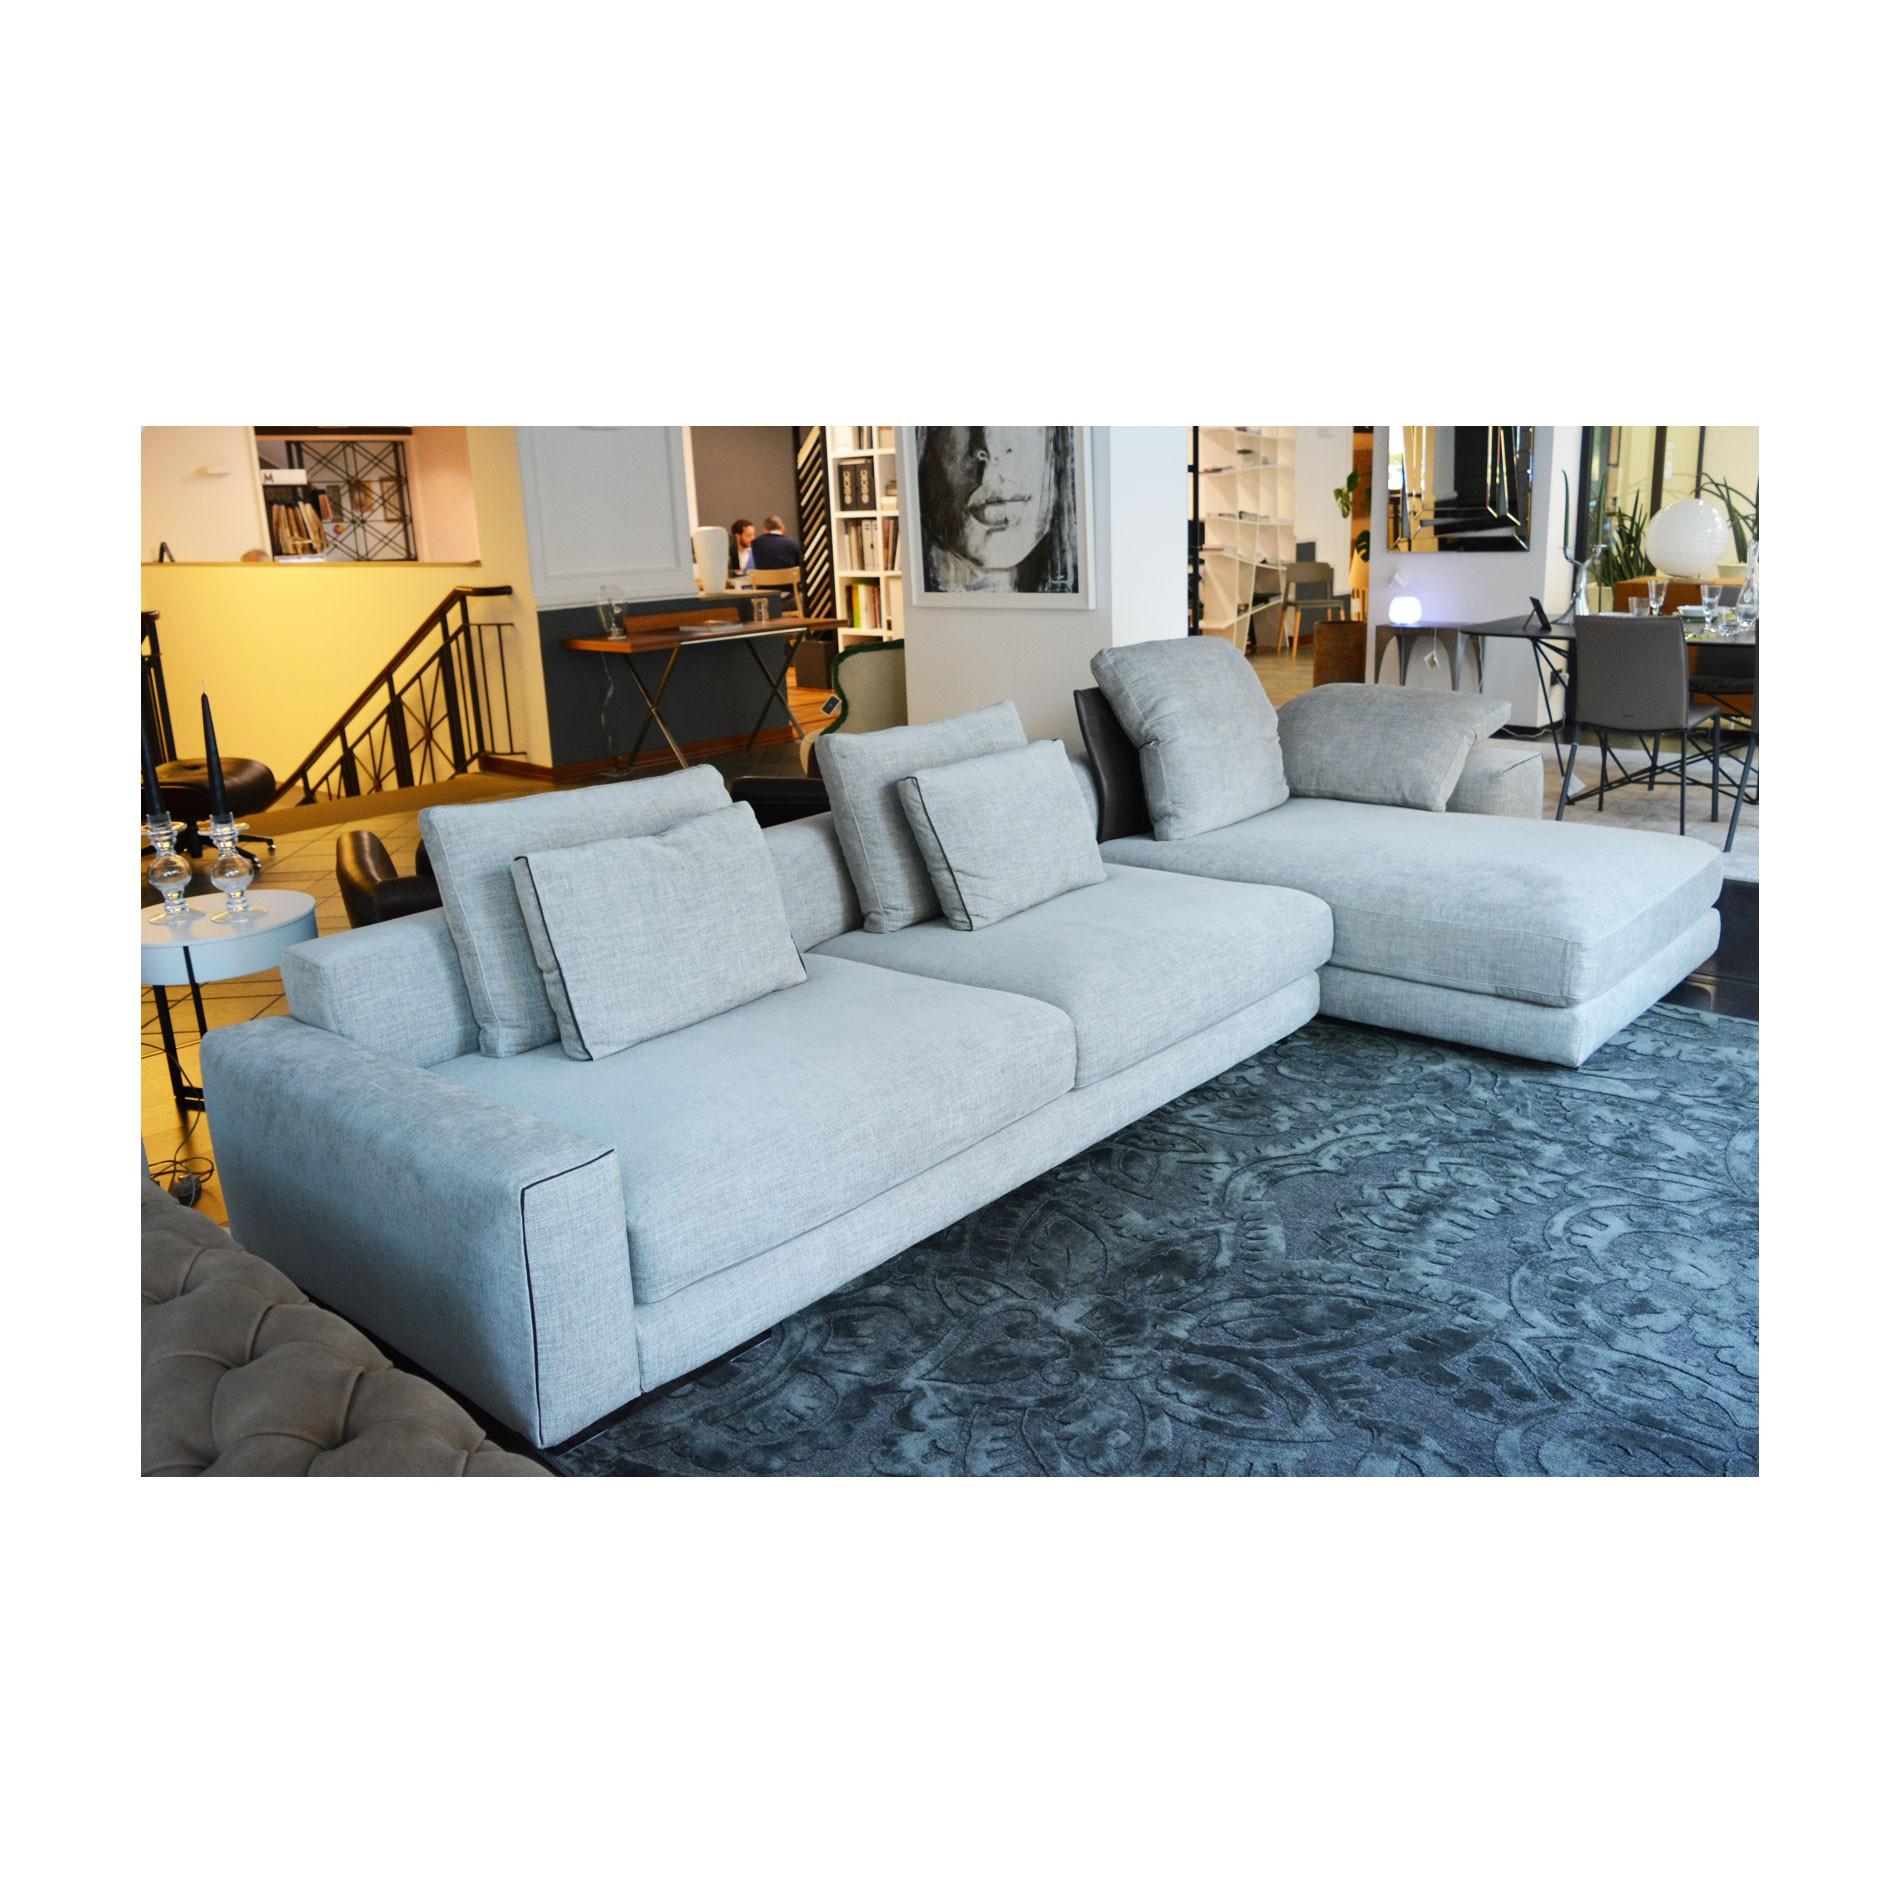 Atlas sofa by Arketipo Mobilificio Marchese